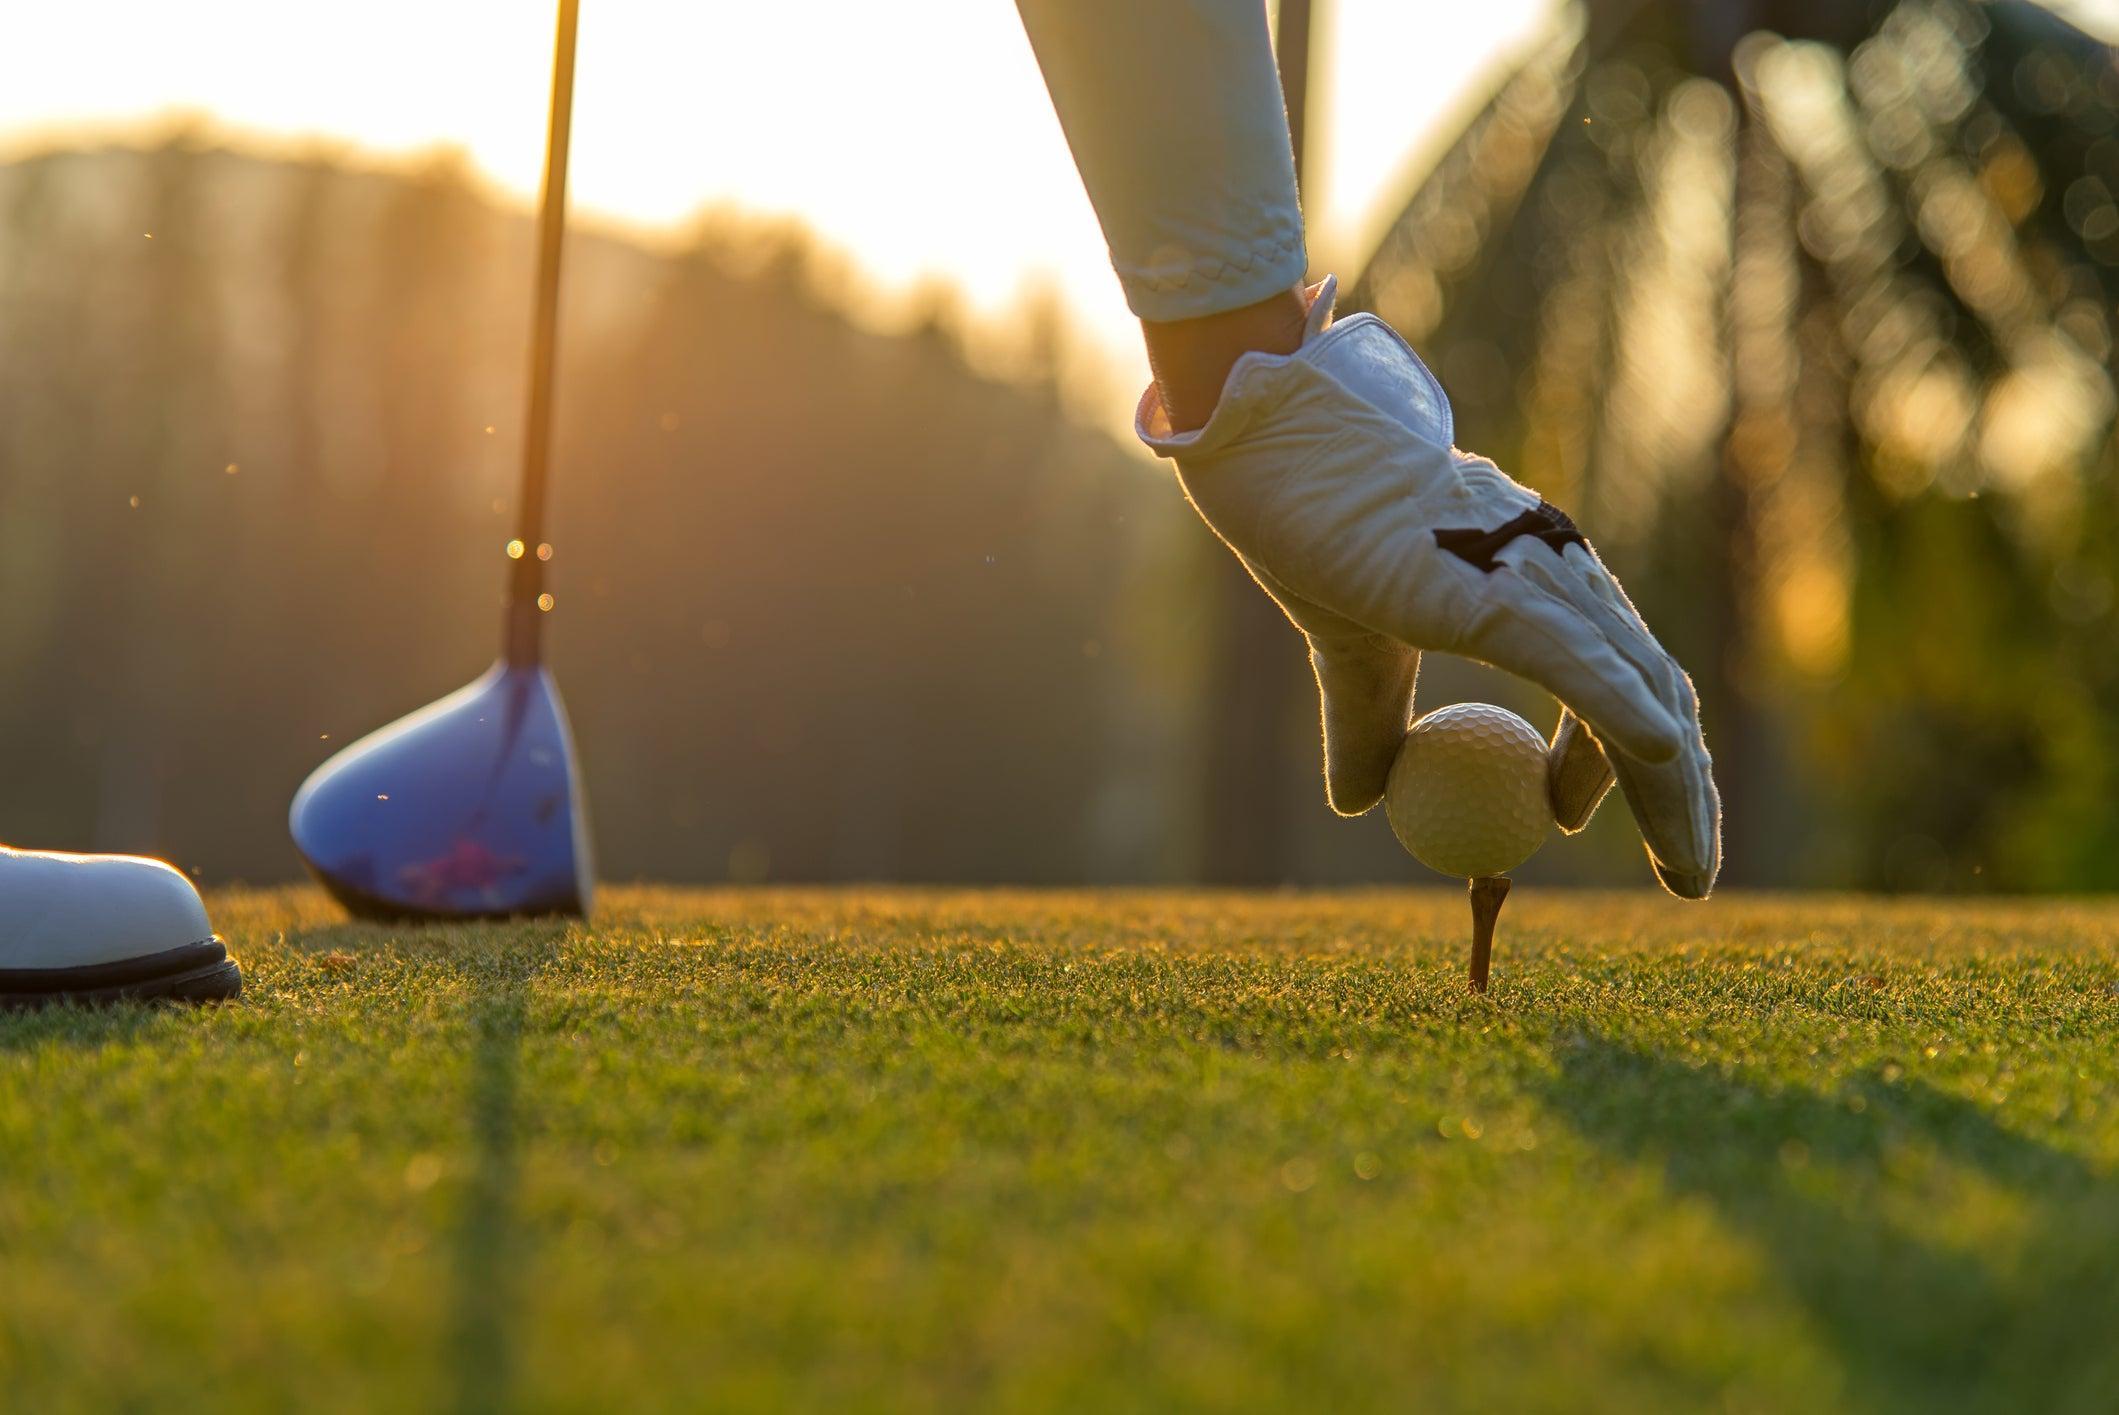 Golf Sporu Nedir? Nasıl Oynanır?